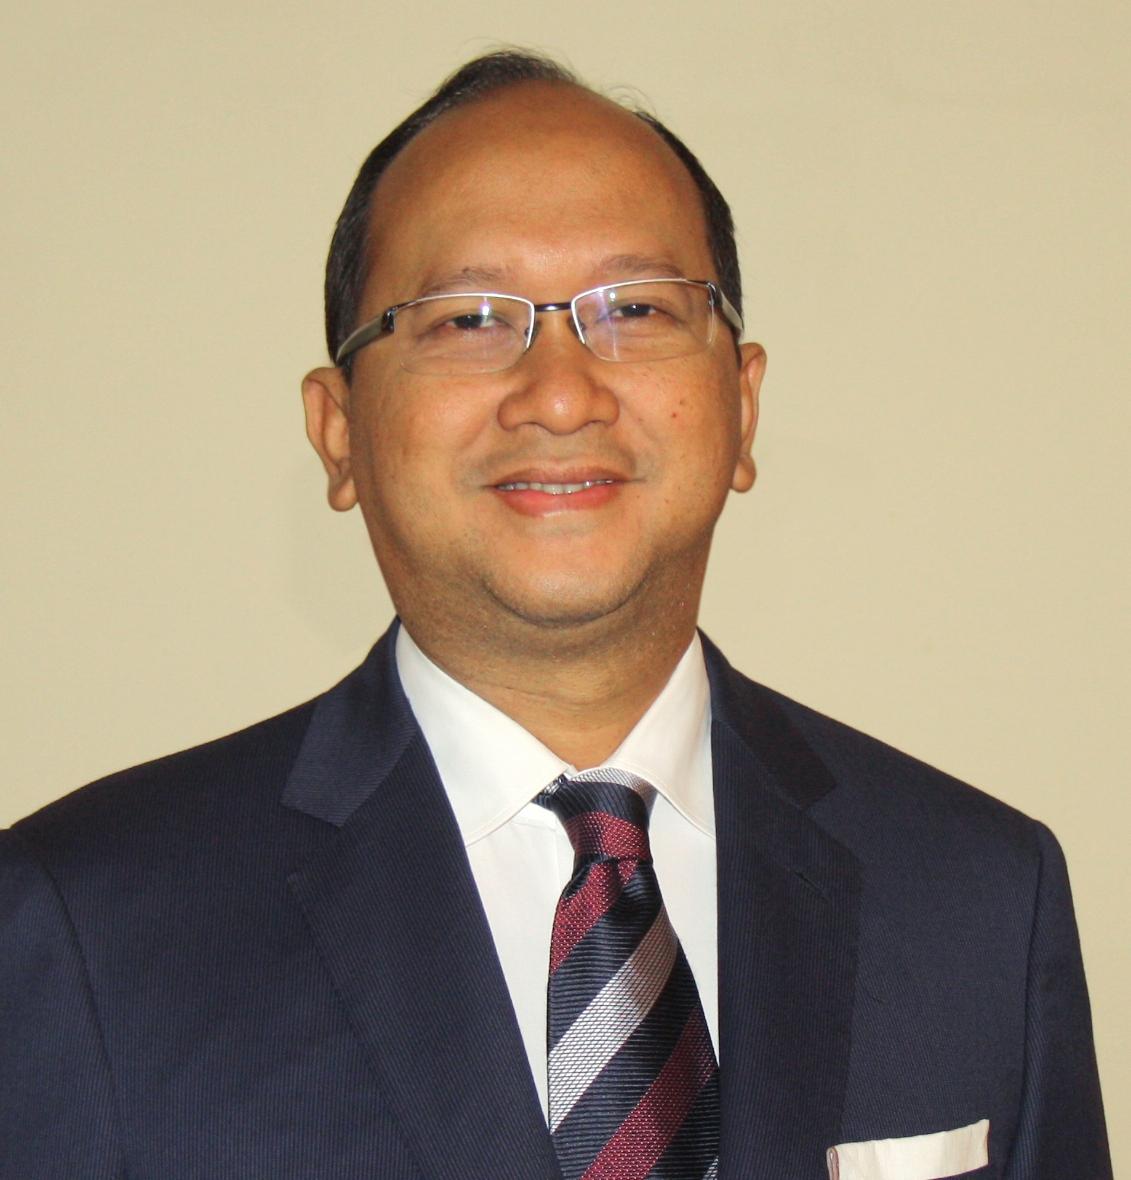 Kadin dukung peningkatan investasi UMKM Malaysia